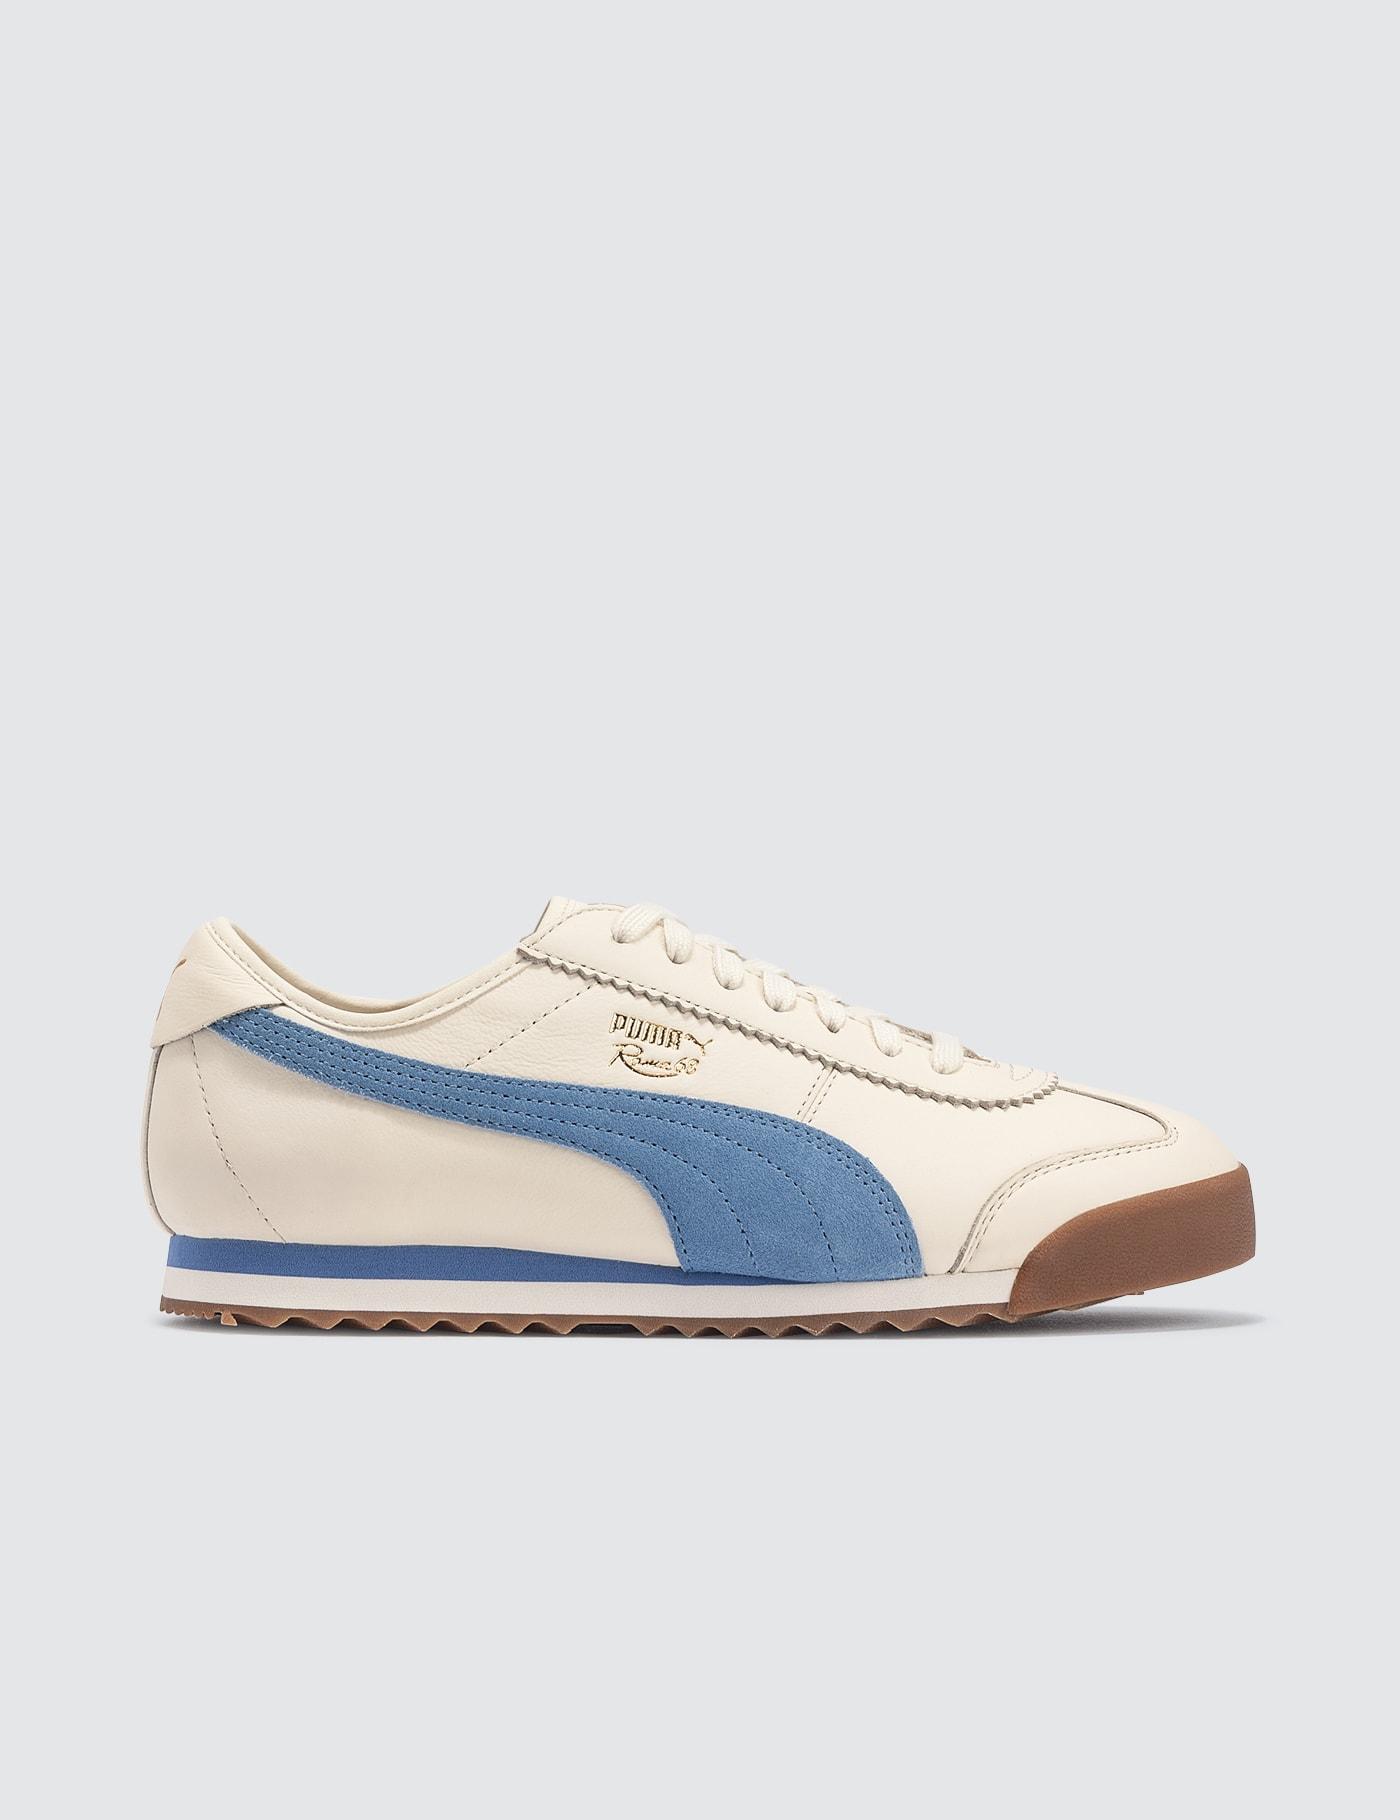 PUMA Roma 68 OG Sneaker